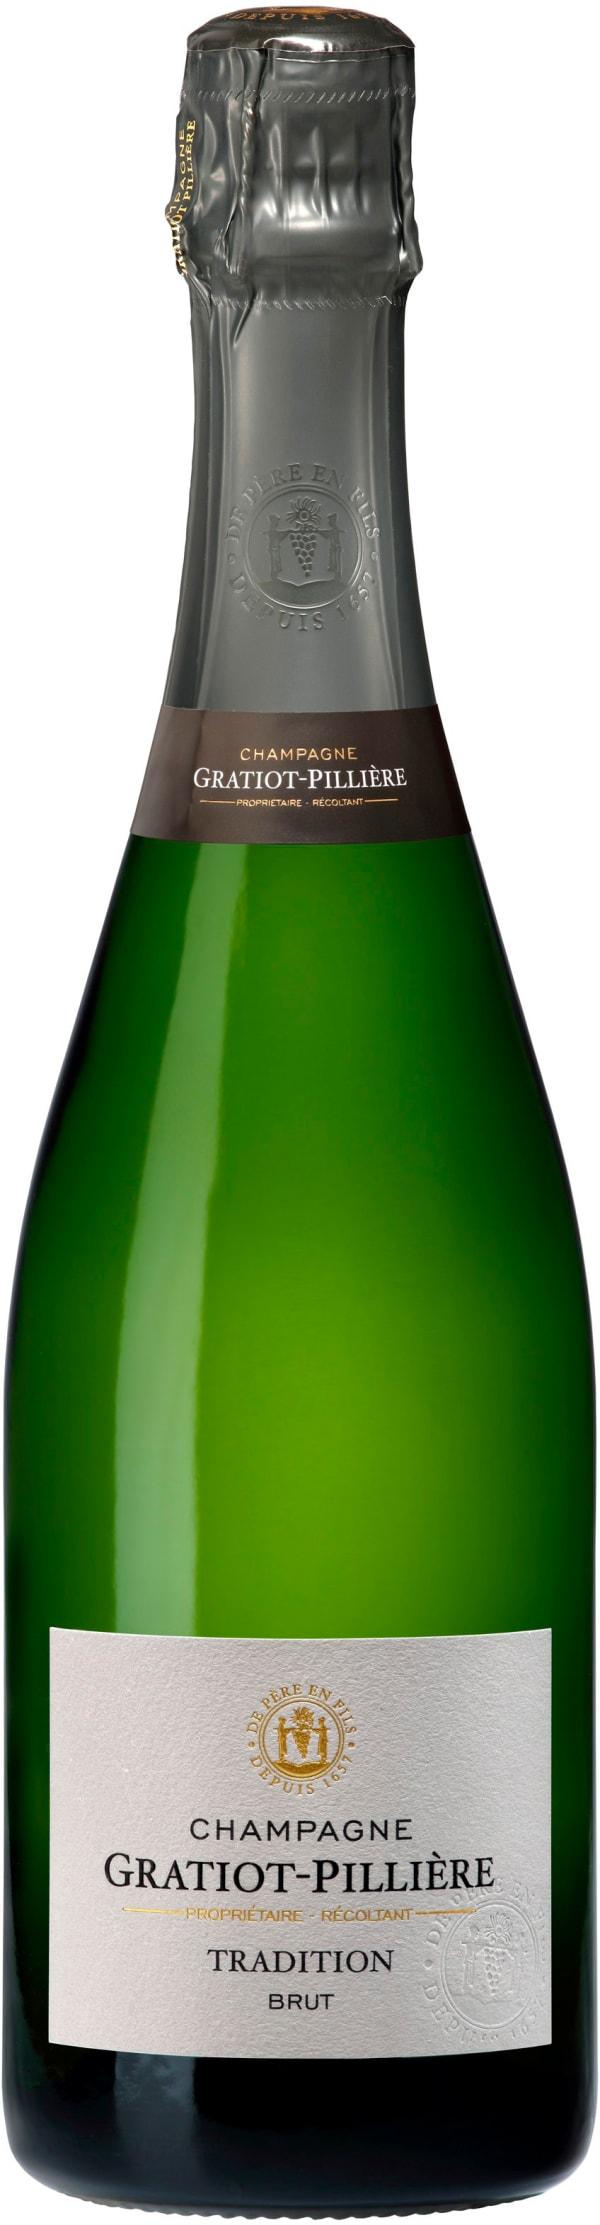 Gratiot-Pillière Tradition Champagne Brut